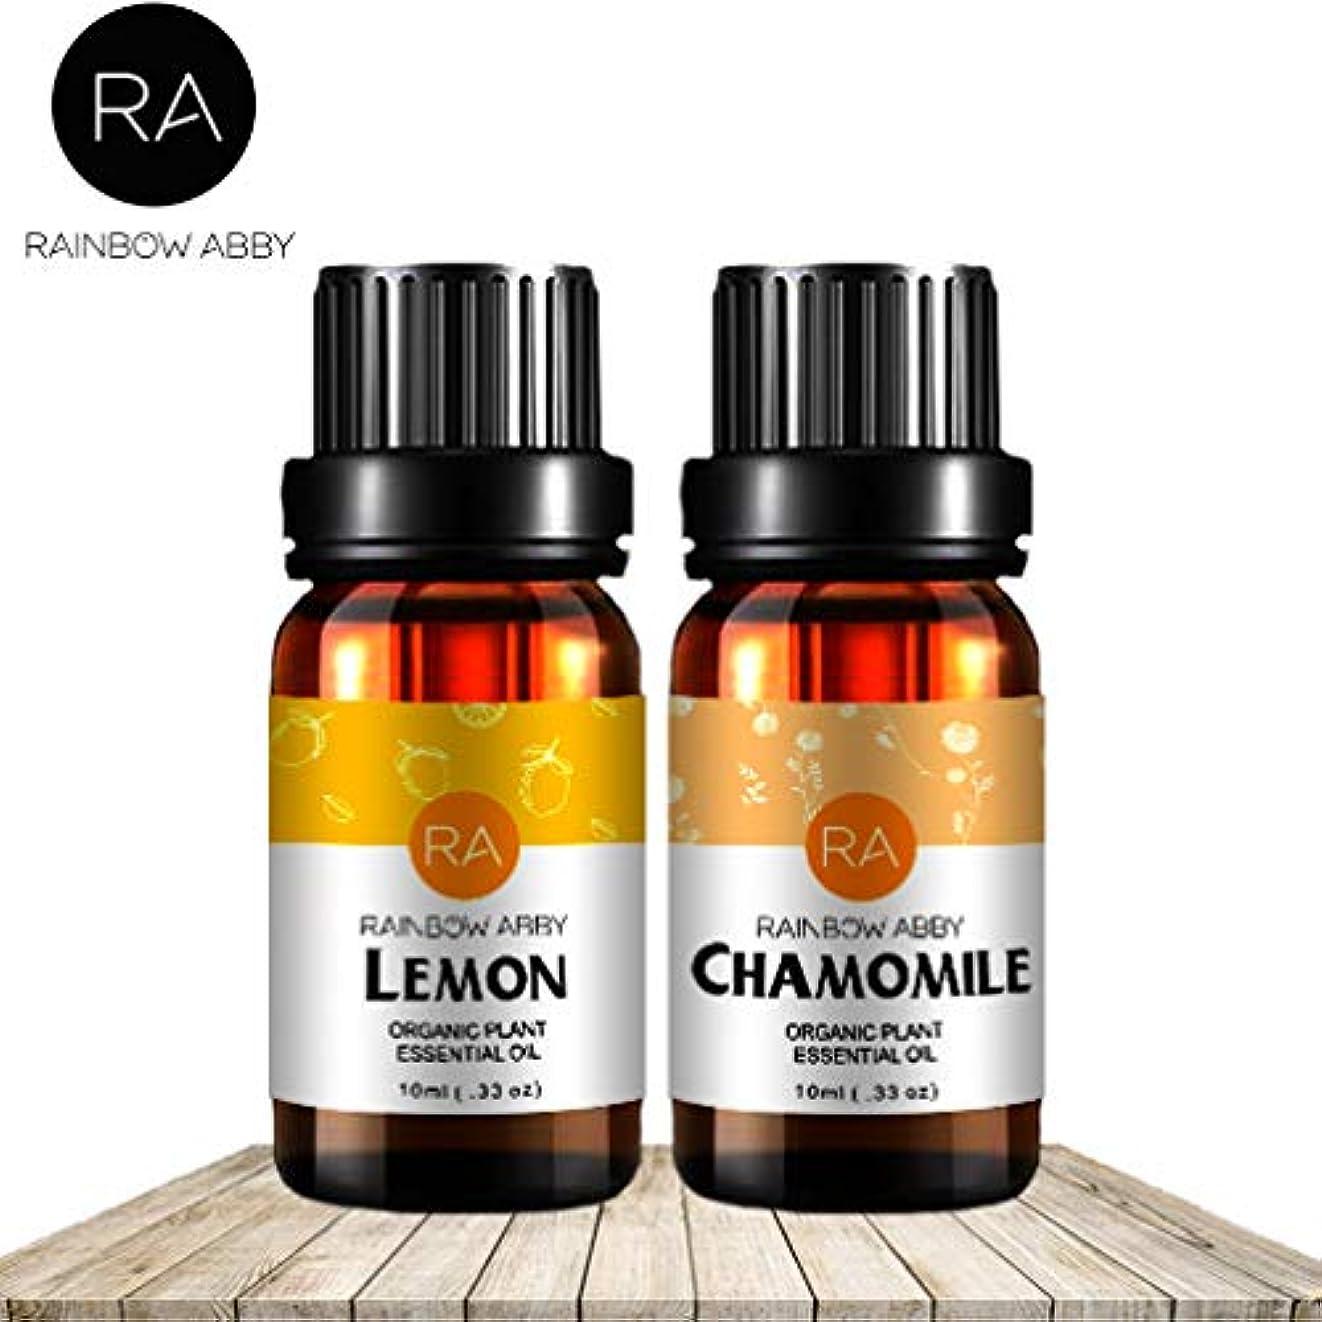 魔術師脆い隙間RAINBOW ABBY カモミール レモン エッセンシャル オイル セット アロマ 100% 純粋 セラピー 等級油 2/10ml- 2パック